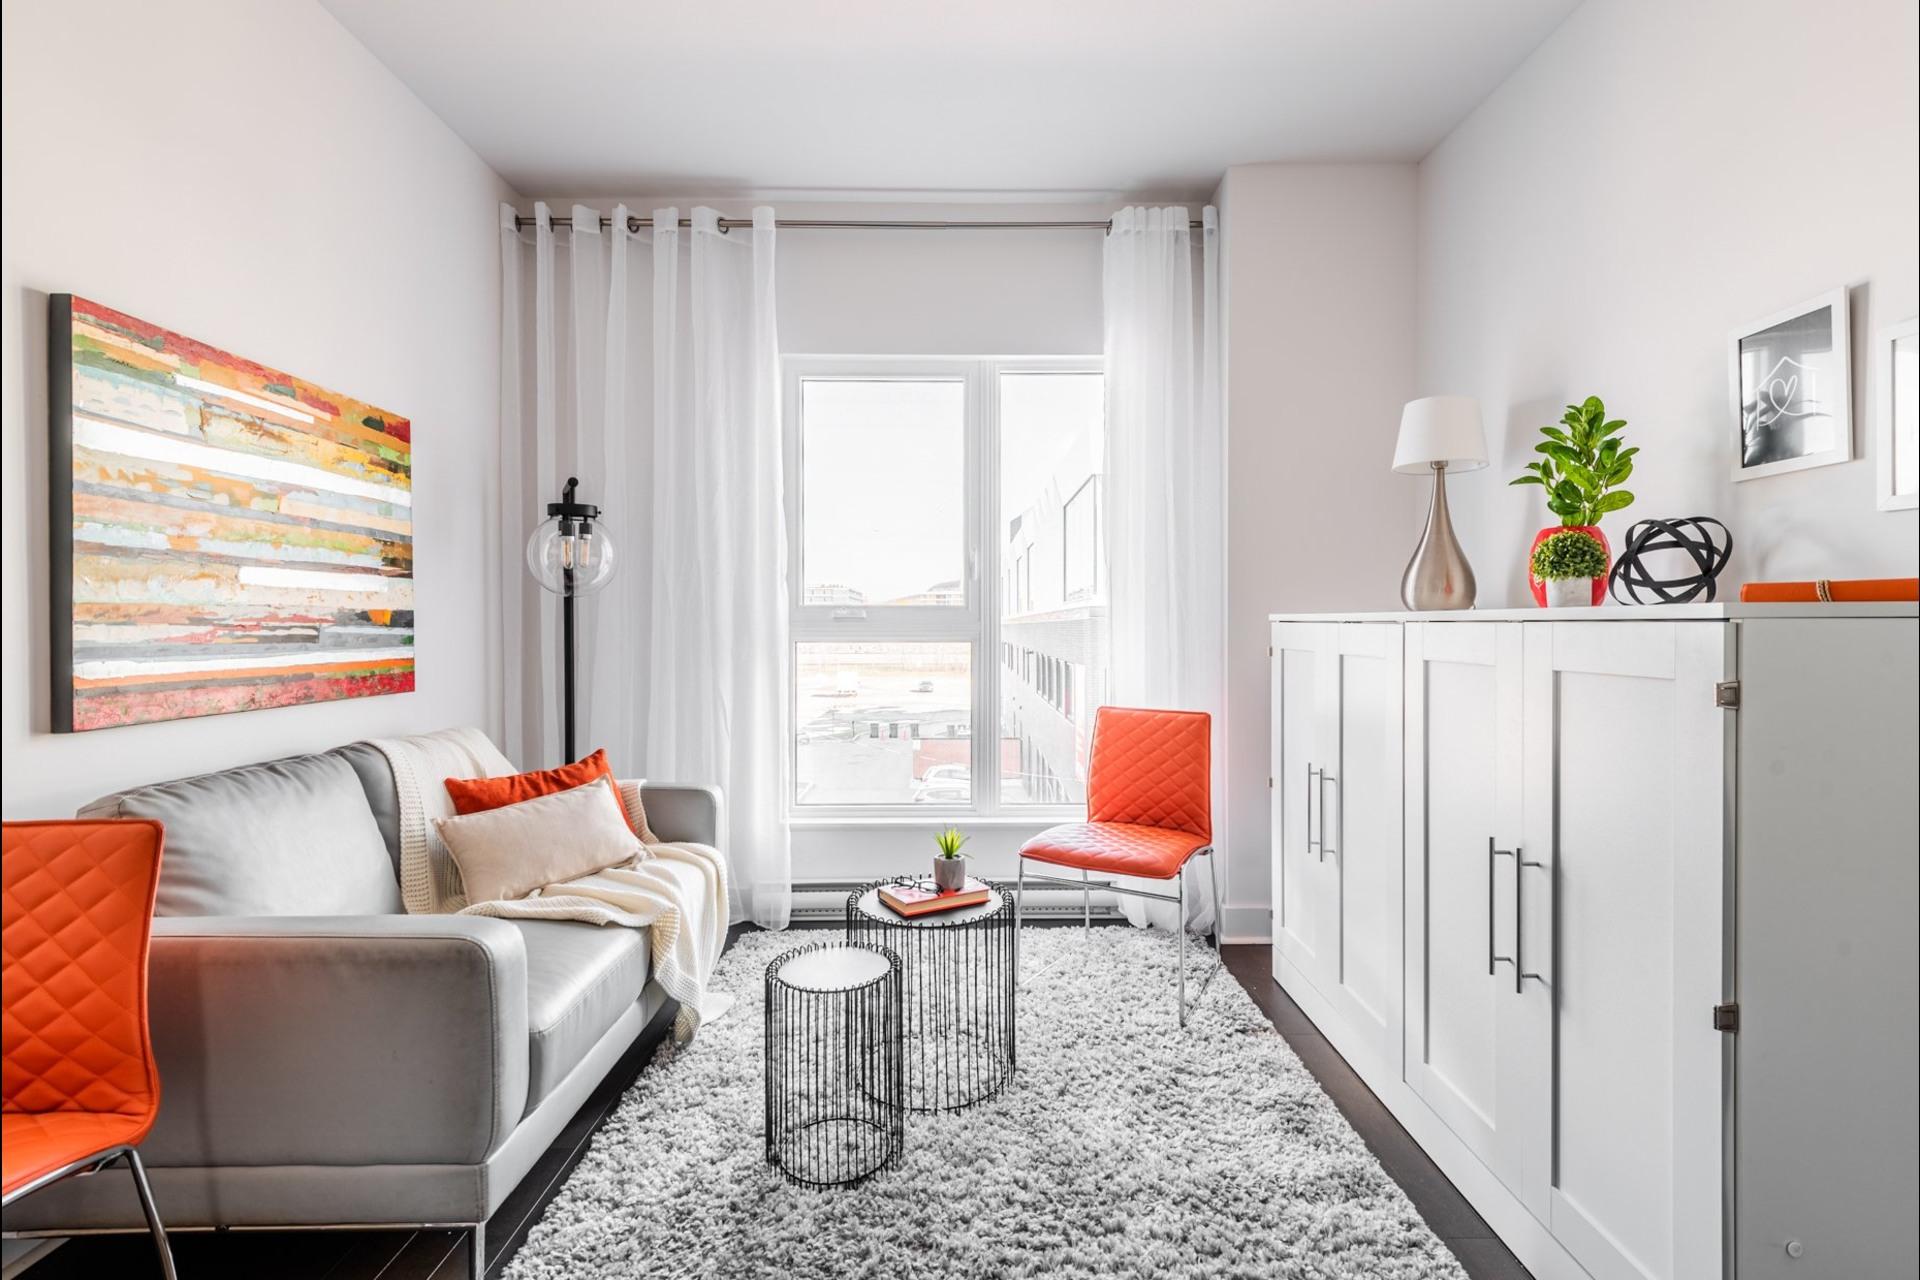 image 3 - Apartment For sale Villeray/Saint-Michel/Parc-Extension Montréal  - 3 rooms